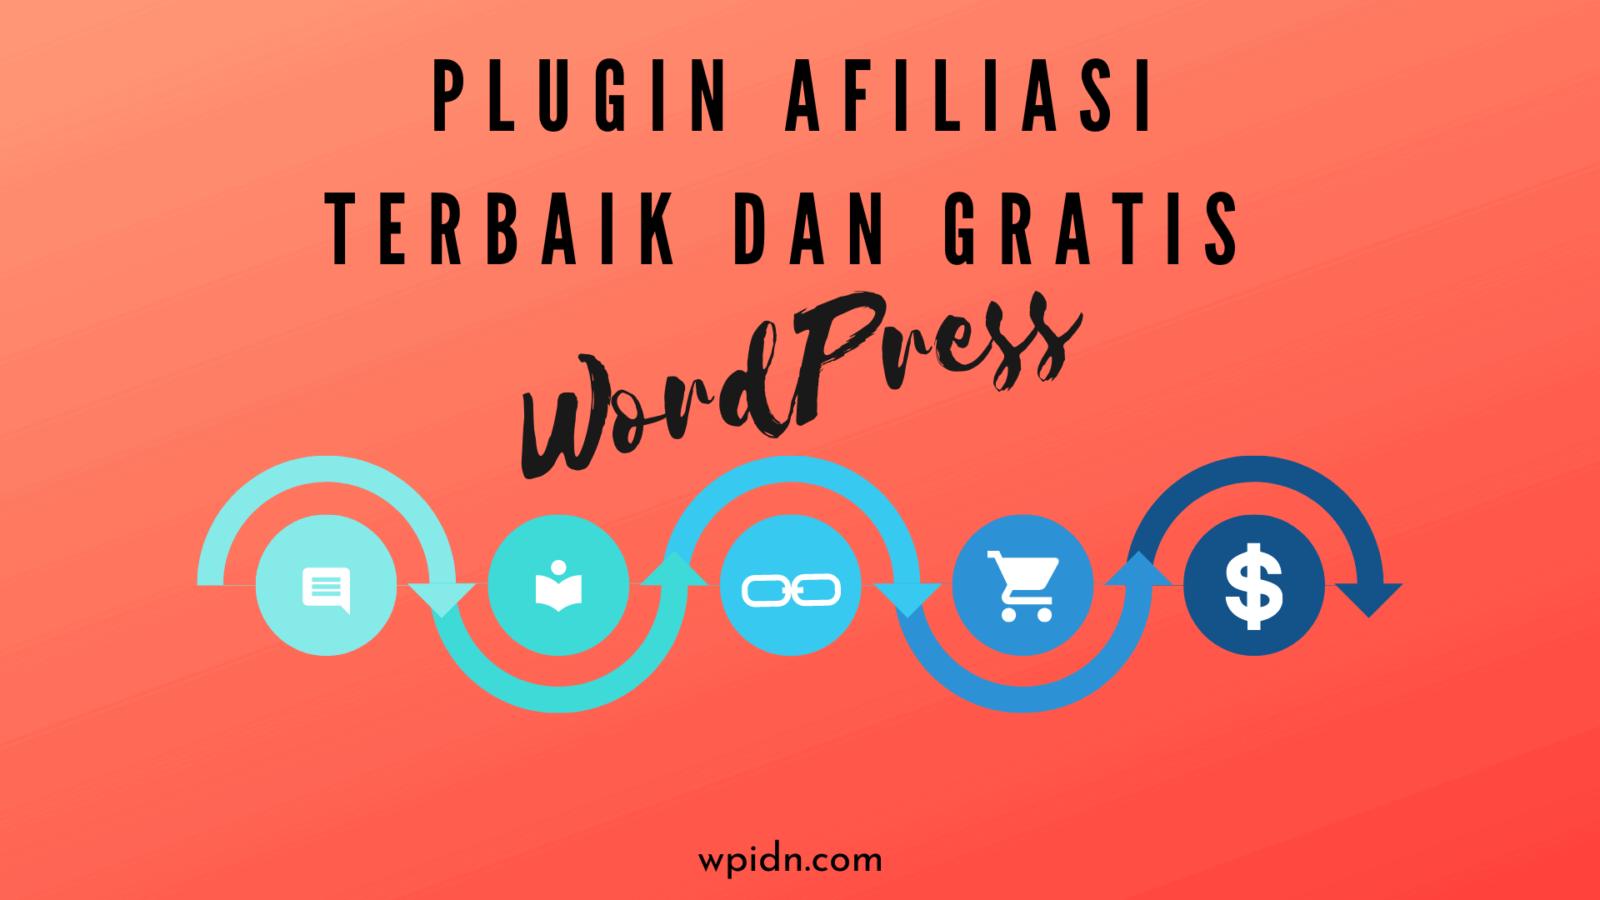 Plugin Afiliasi terbaik dan gratis untuk WordPress